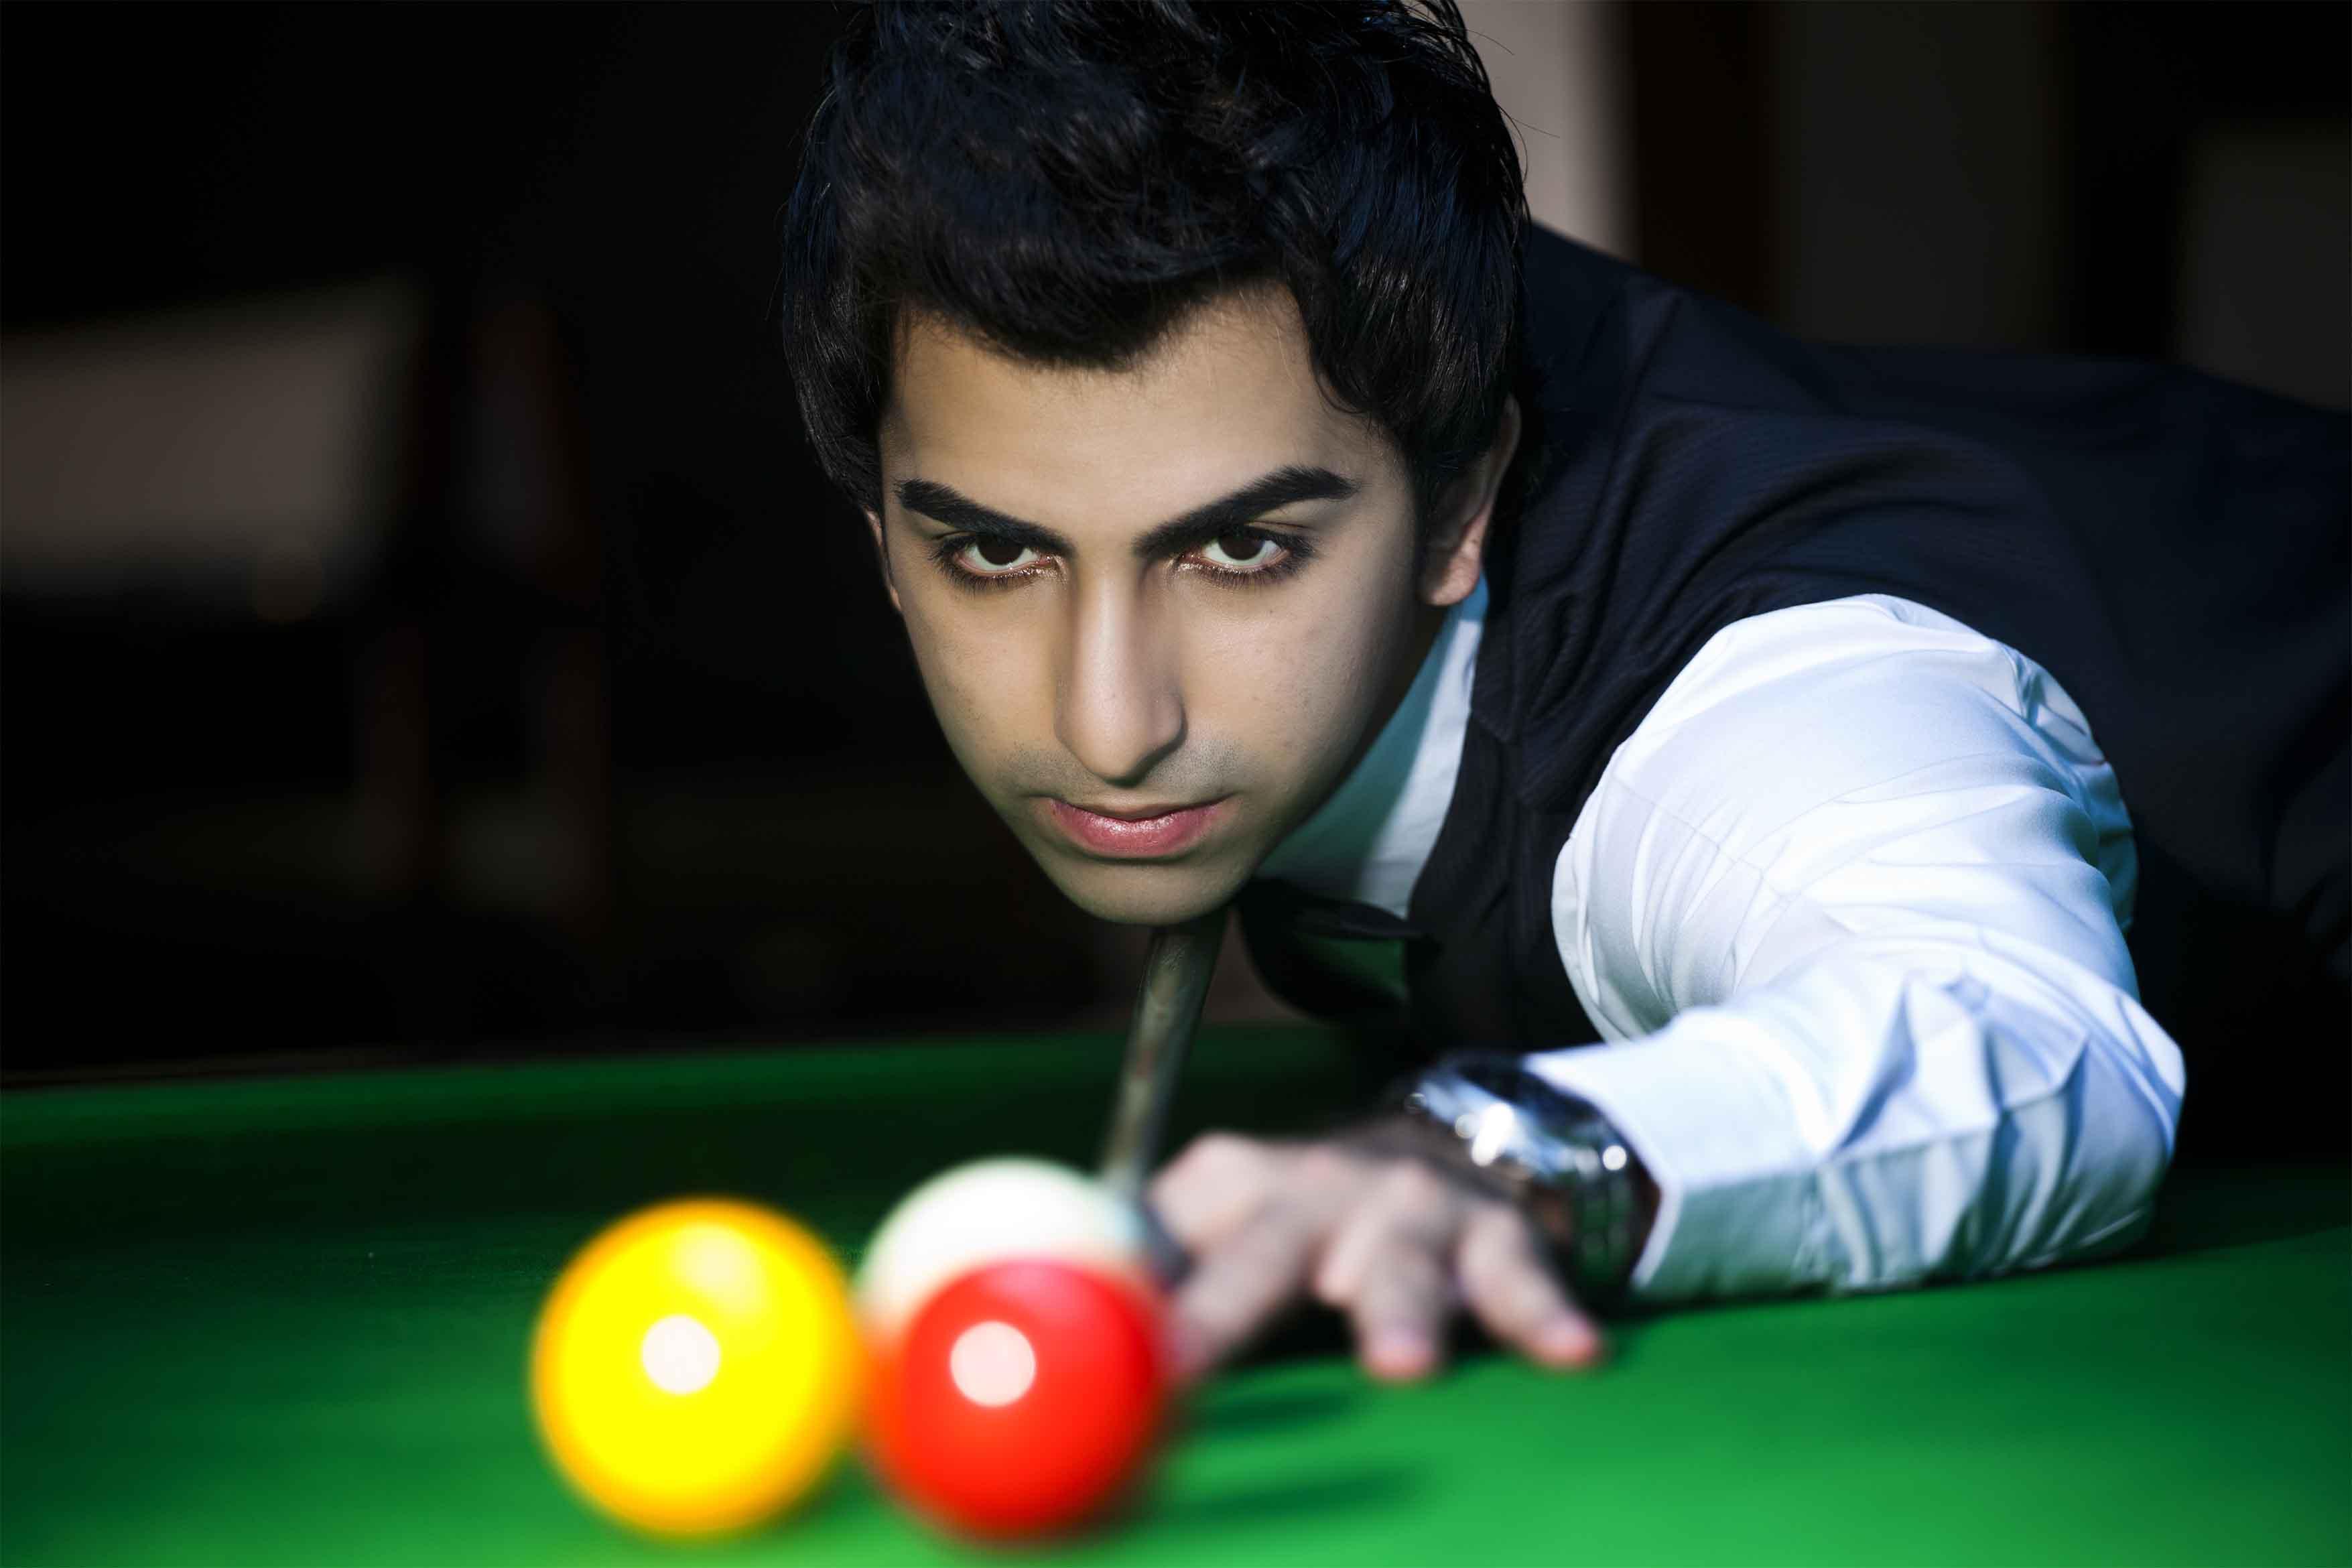 Billiards, Featured, IBSF World Billiards Championship, Online Exclusive, Pankaj Advani, Pool, Sports, Sports star